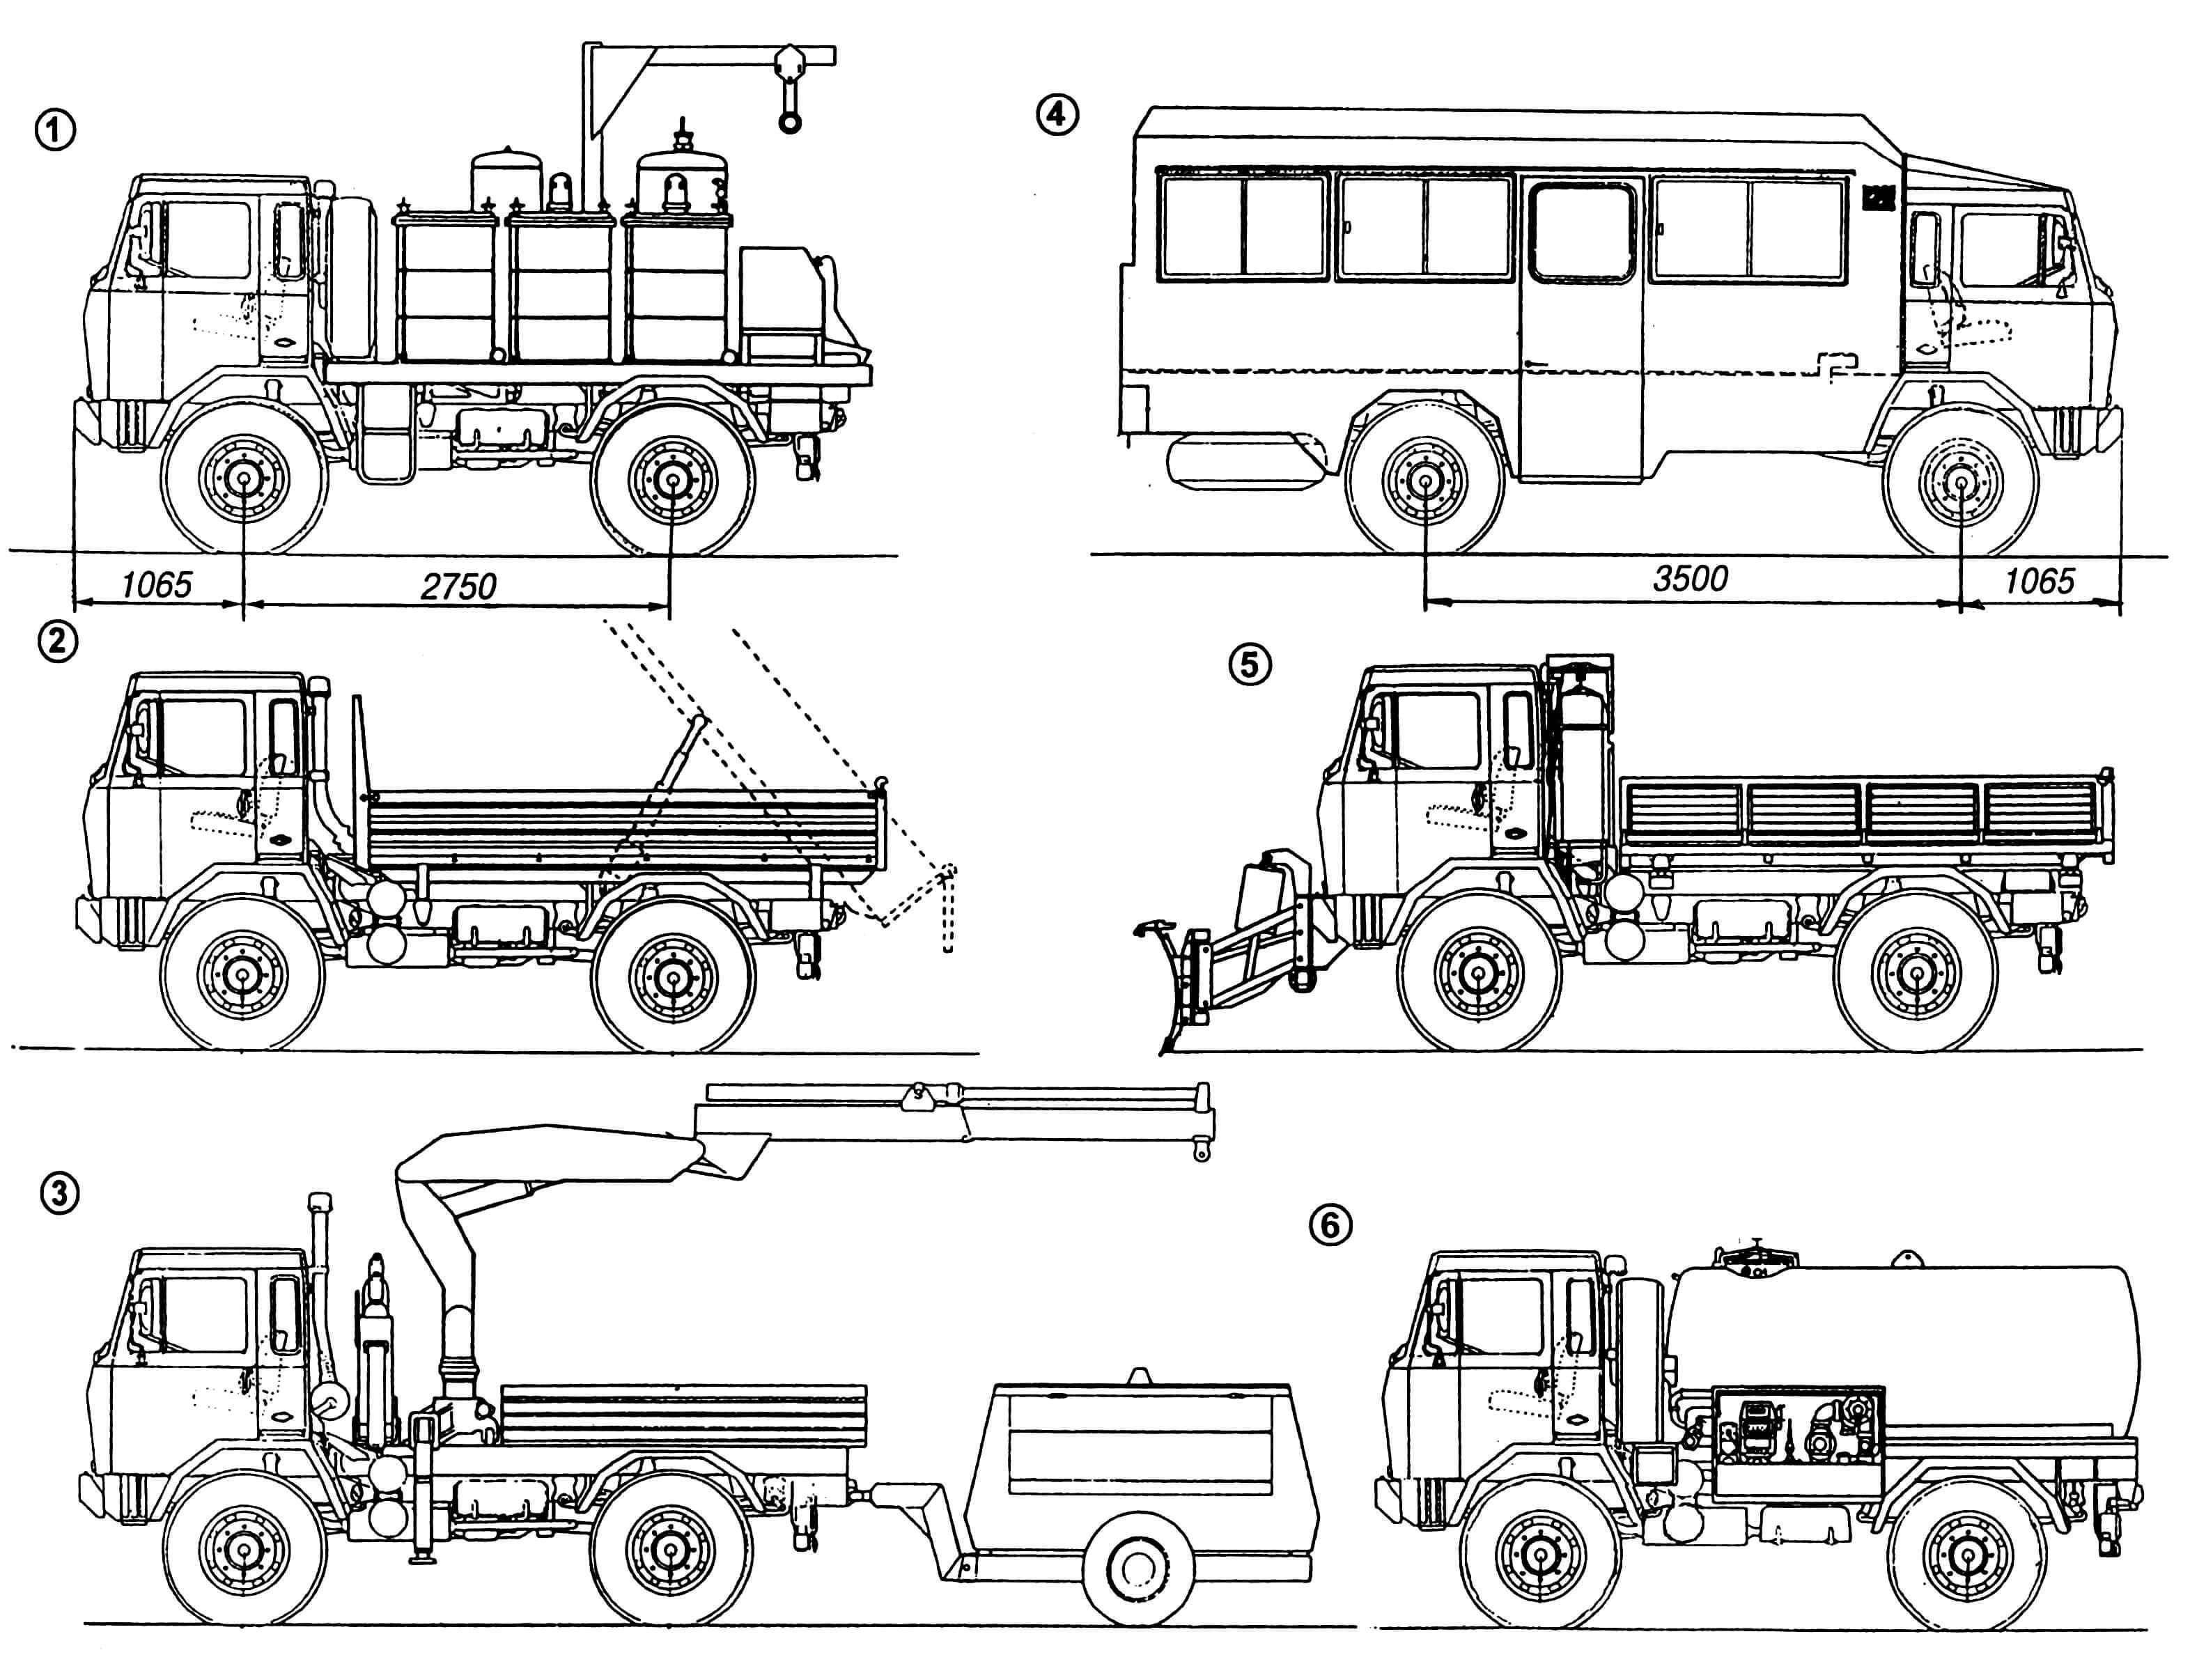 Модификации автомобиля на базе шасси IVECO-FIAT 75 PC: 1 — транспортер баллонов со сжиженным газом; 2 — самосвал трехсторонний; 3 — кран подъемный с компрессором на прицепе; 4 — машина вахтовая; 5 — снегоуборочная машина; 6 — цистерна.